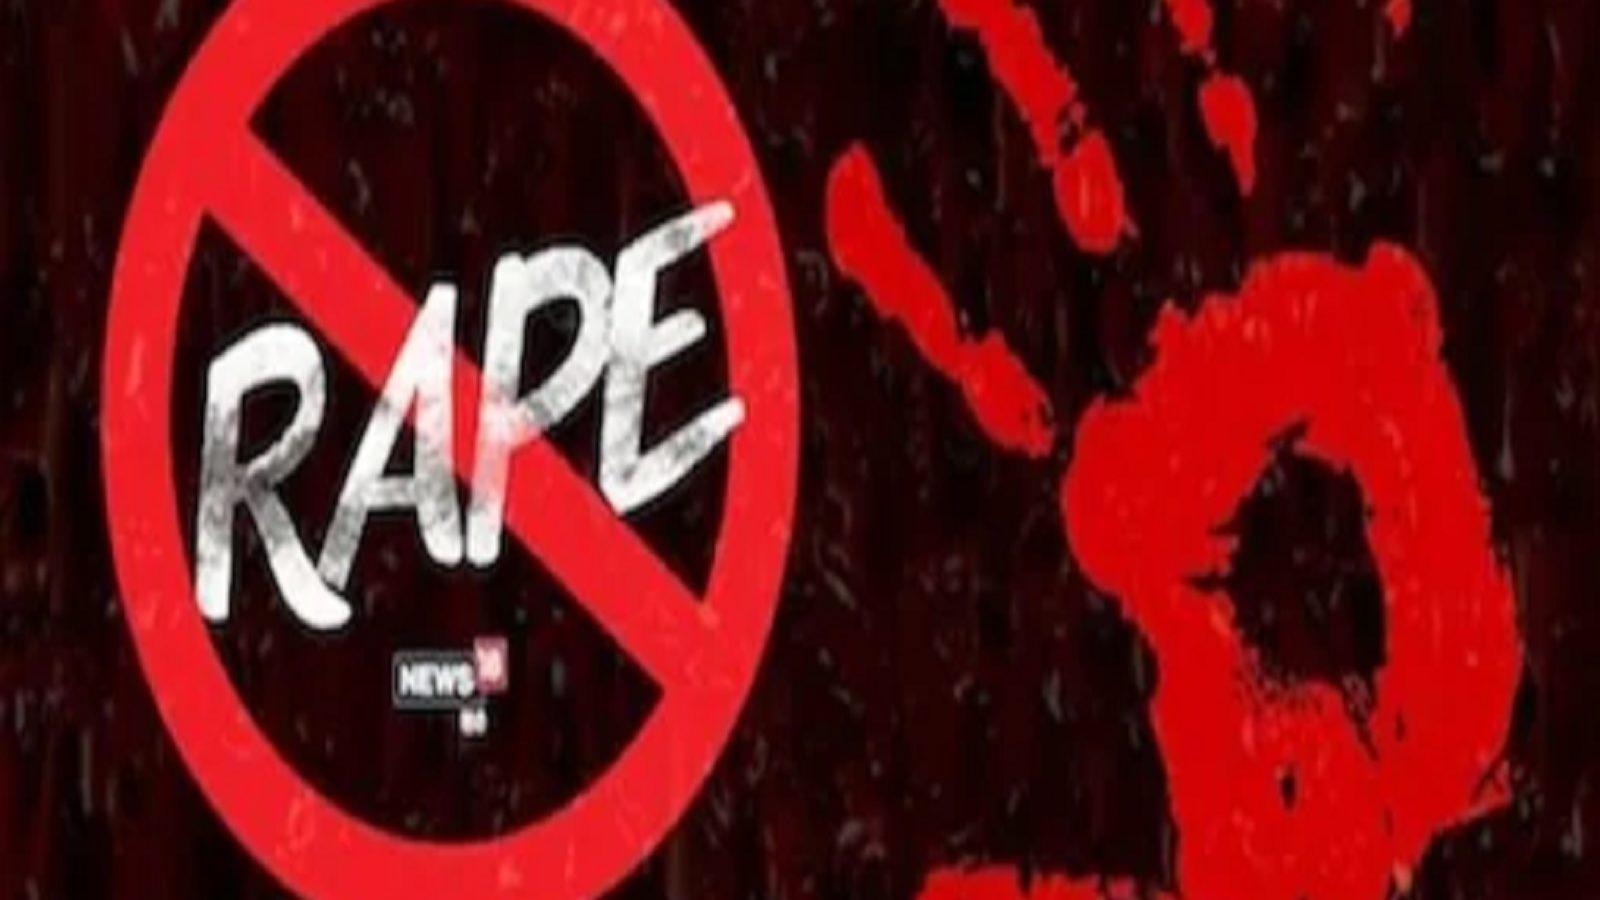 Damoh: आधी रात दोस्त के साथ घुमने गई लड़की से रेप के बाद हत्या, किराना दुकान में 8 साल की बच्ची से भी दुष्कर्म